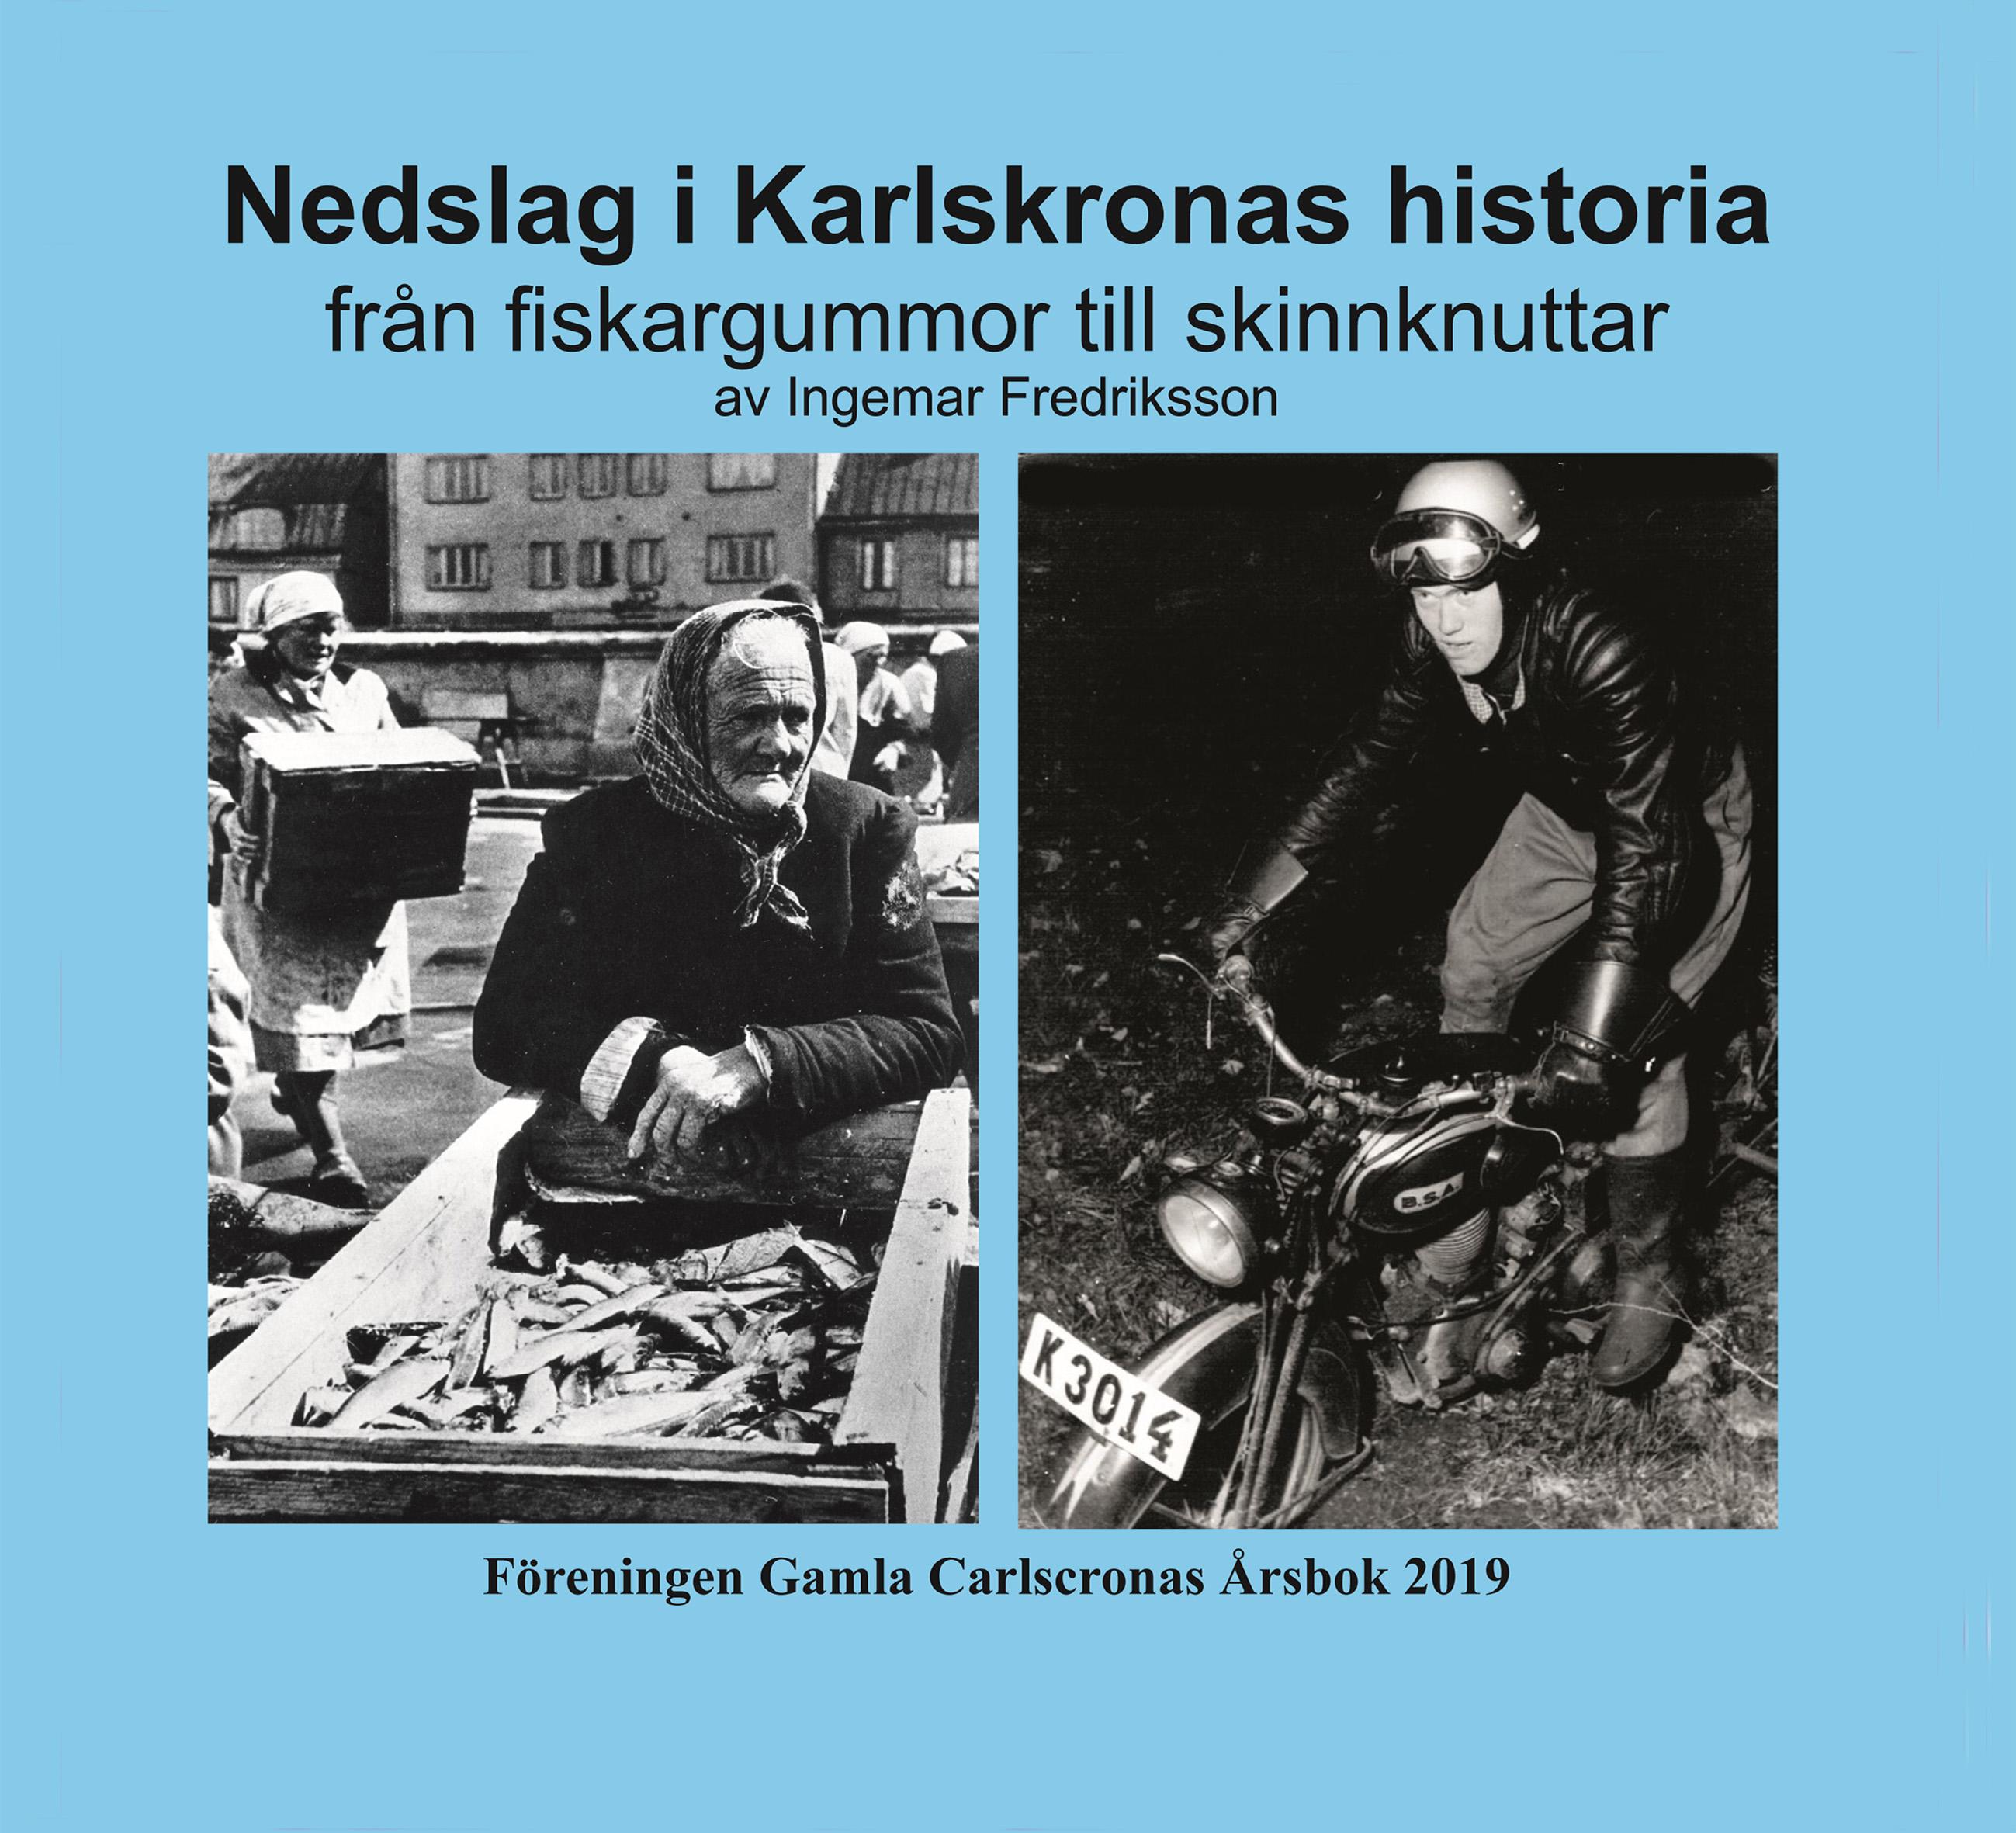 http://www.fgc.nu/site/wp-content/uploads/2019/12/Årsbok-2019.jpg